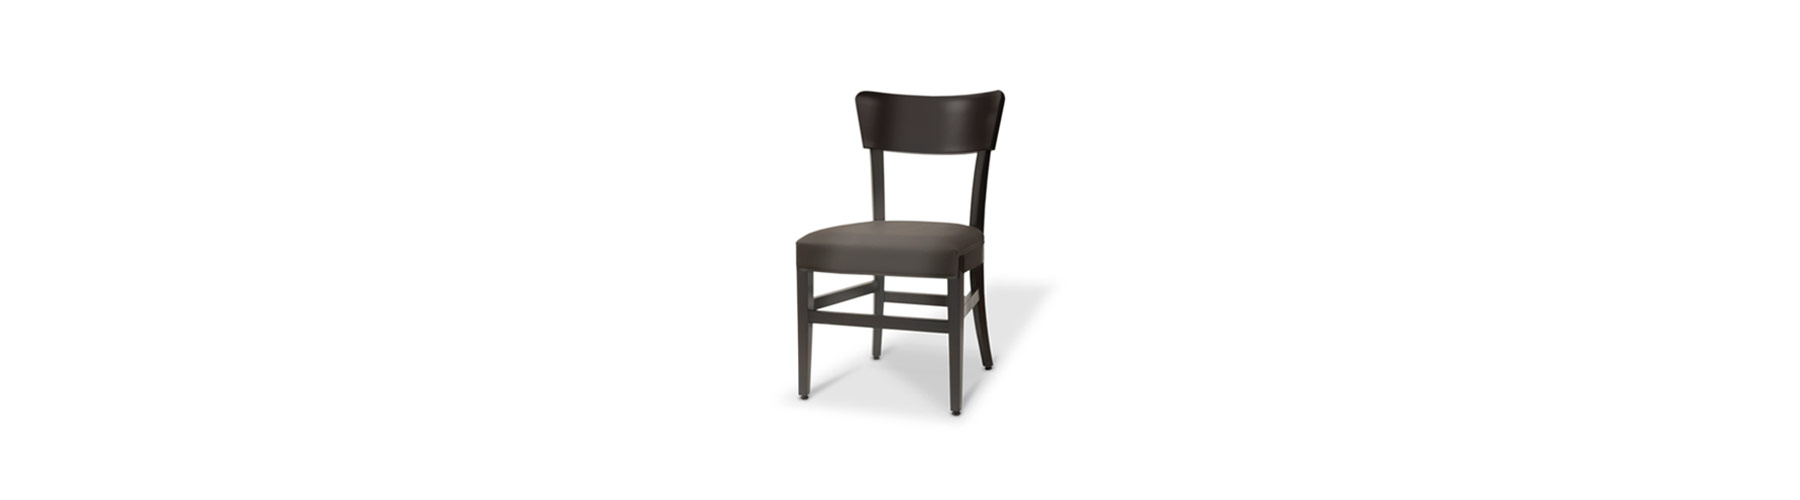 Madison - Chaise William